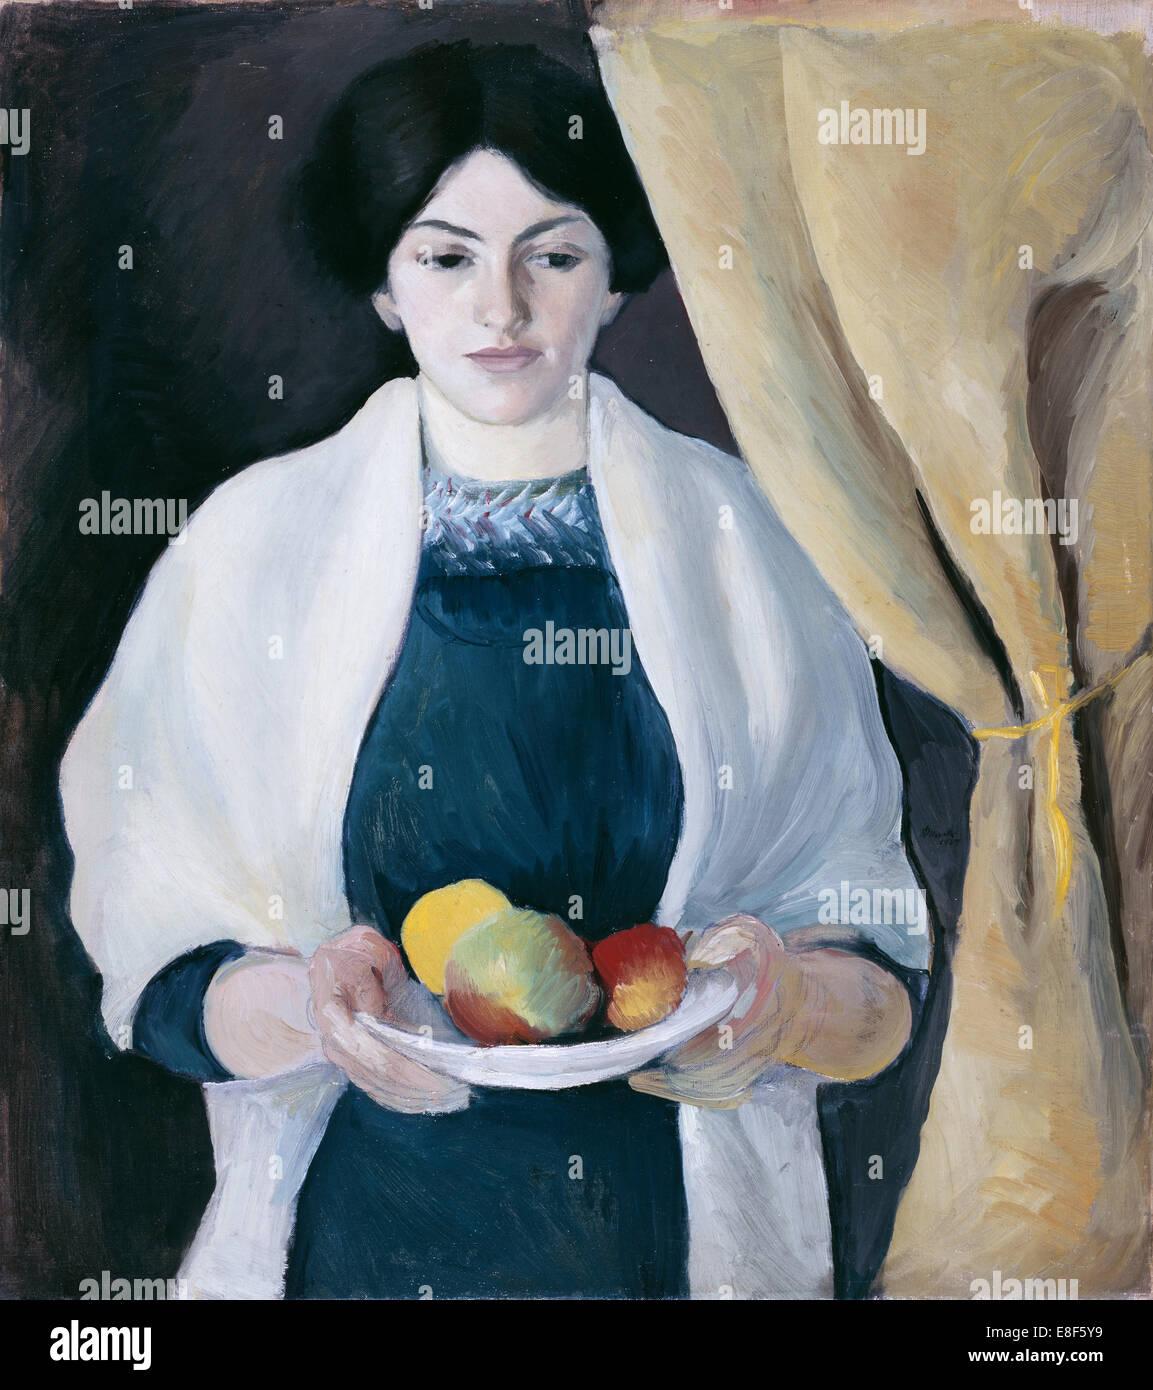 Ritratto di mele. Artista: Macke, Agosto (1887-1914) Immagini Stock